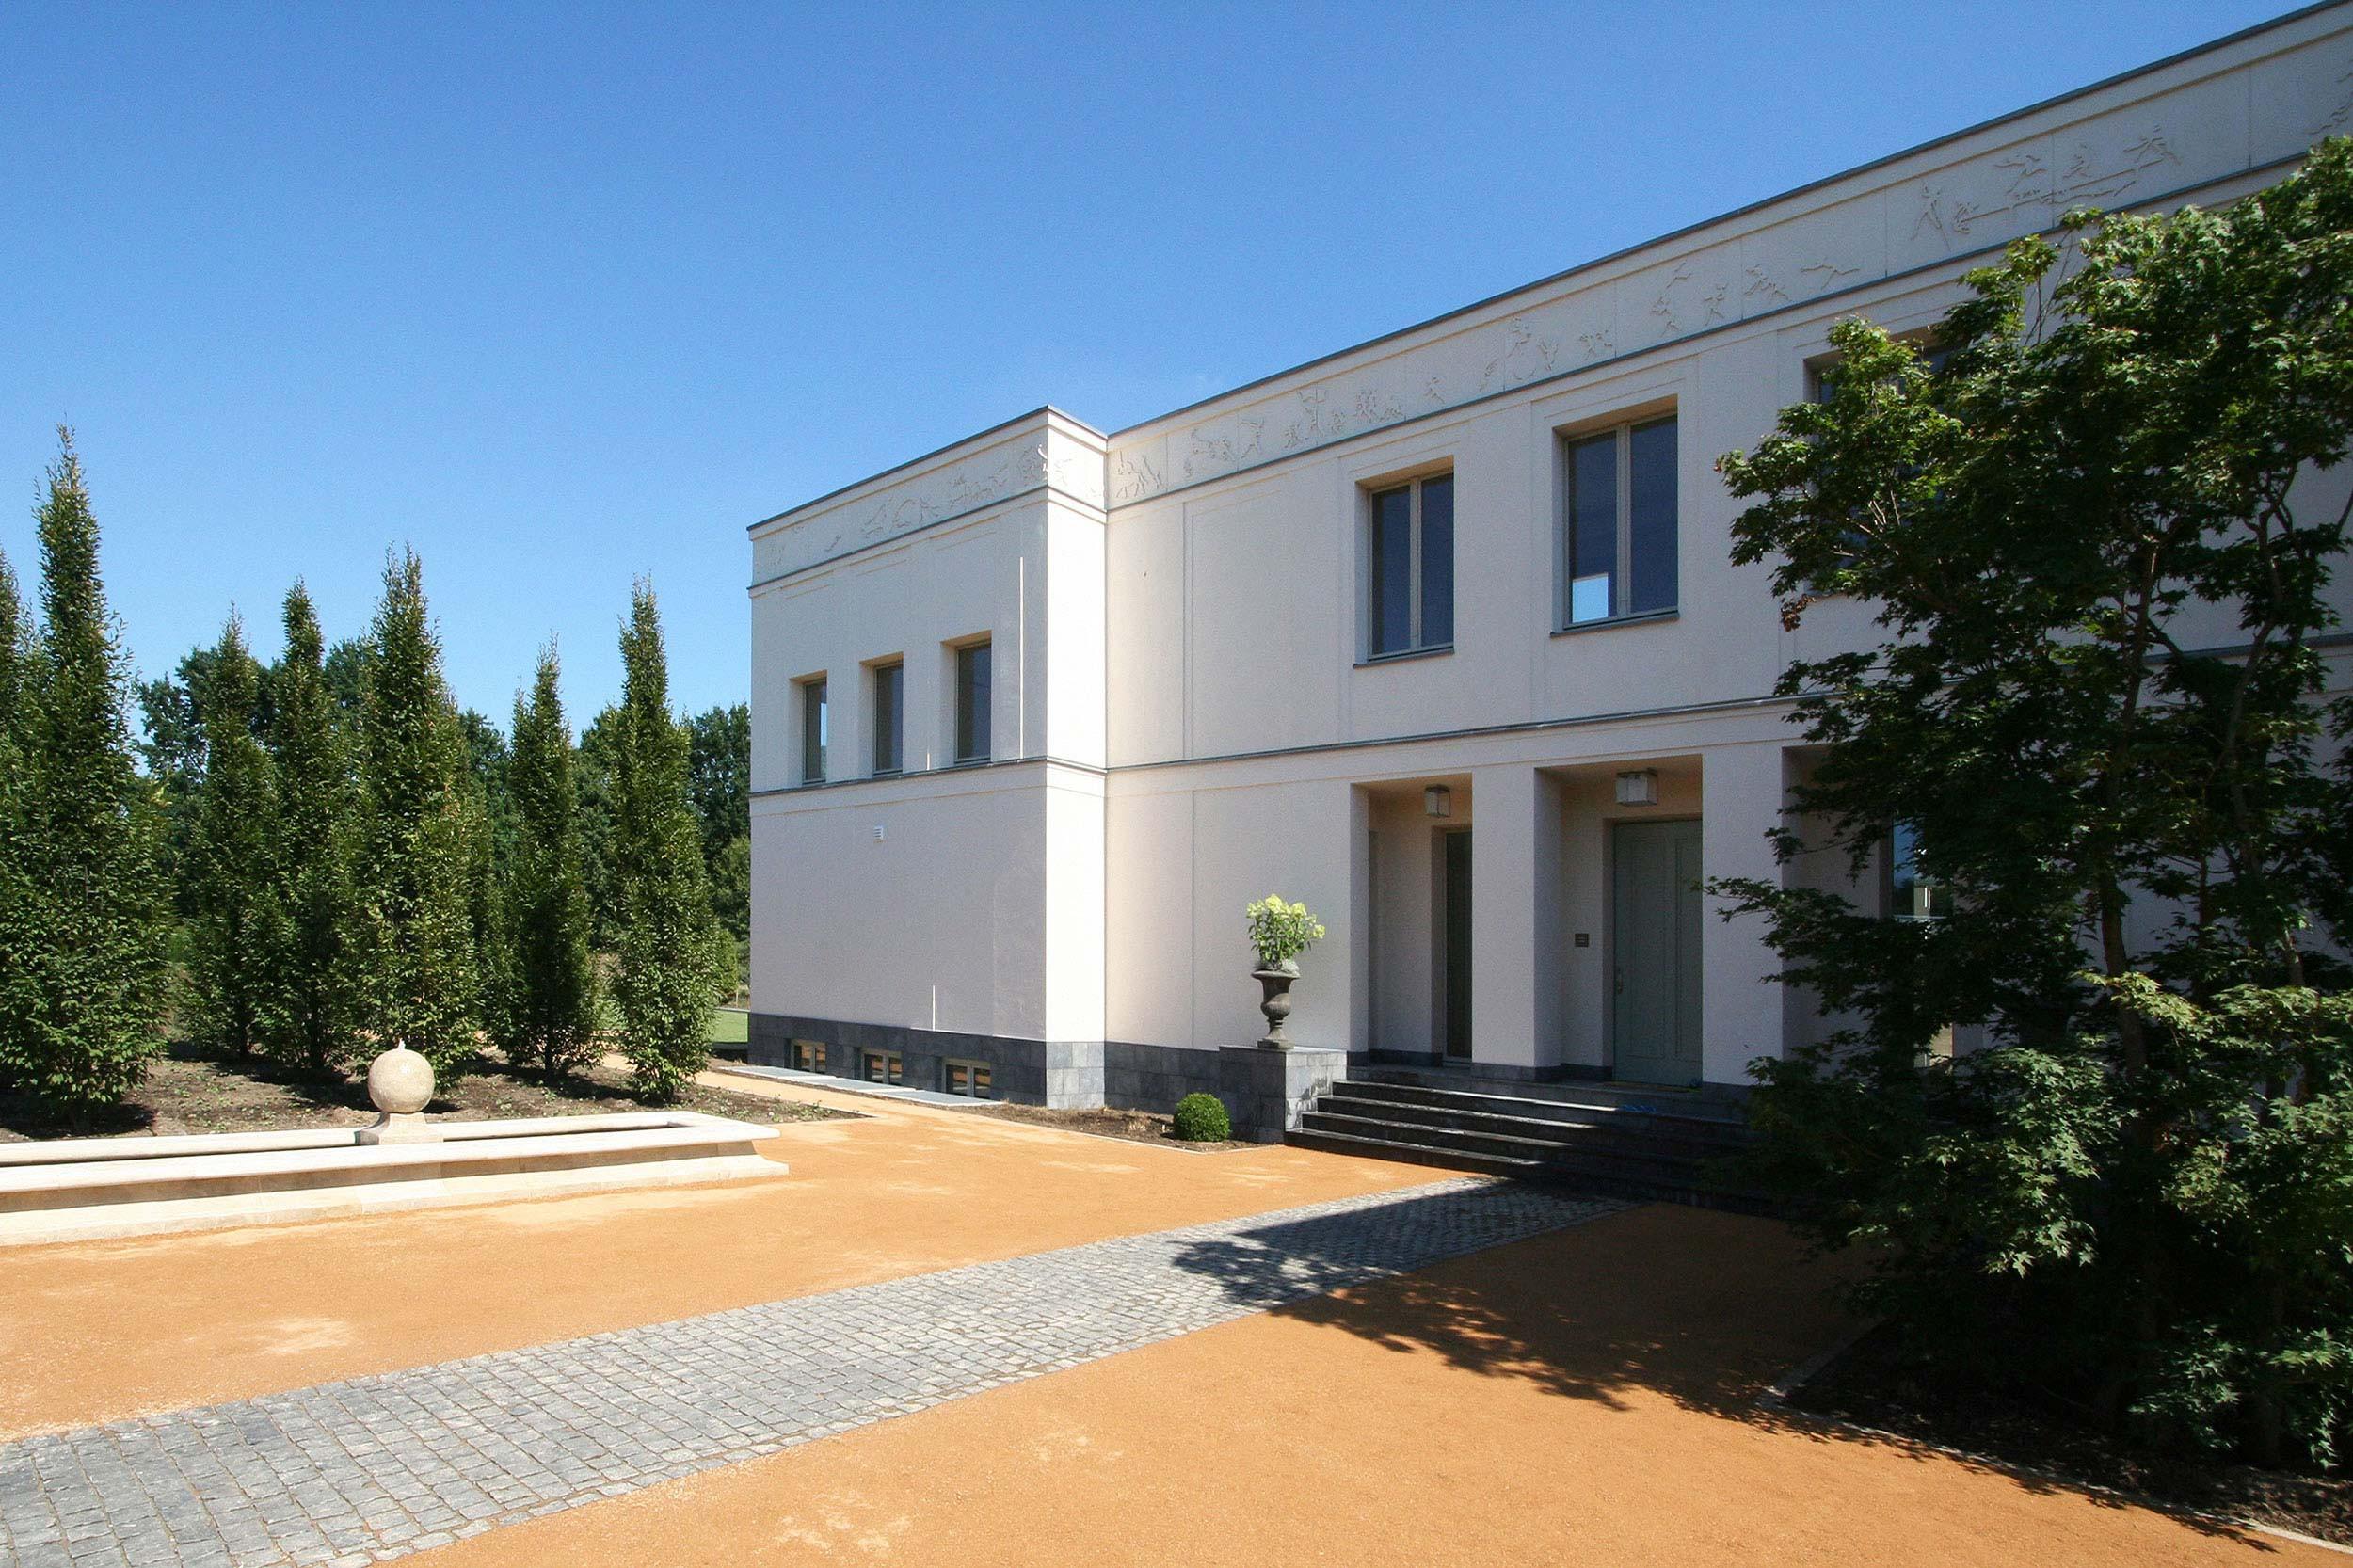 KLASSIK UND TRADITION - Neubau klassizistische Villa - Über die Vorfahrt mit Brunnenanlage erreicht man das Hauptportal